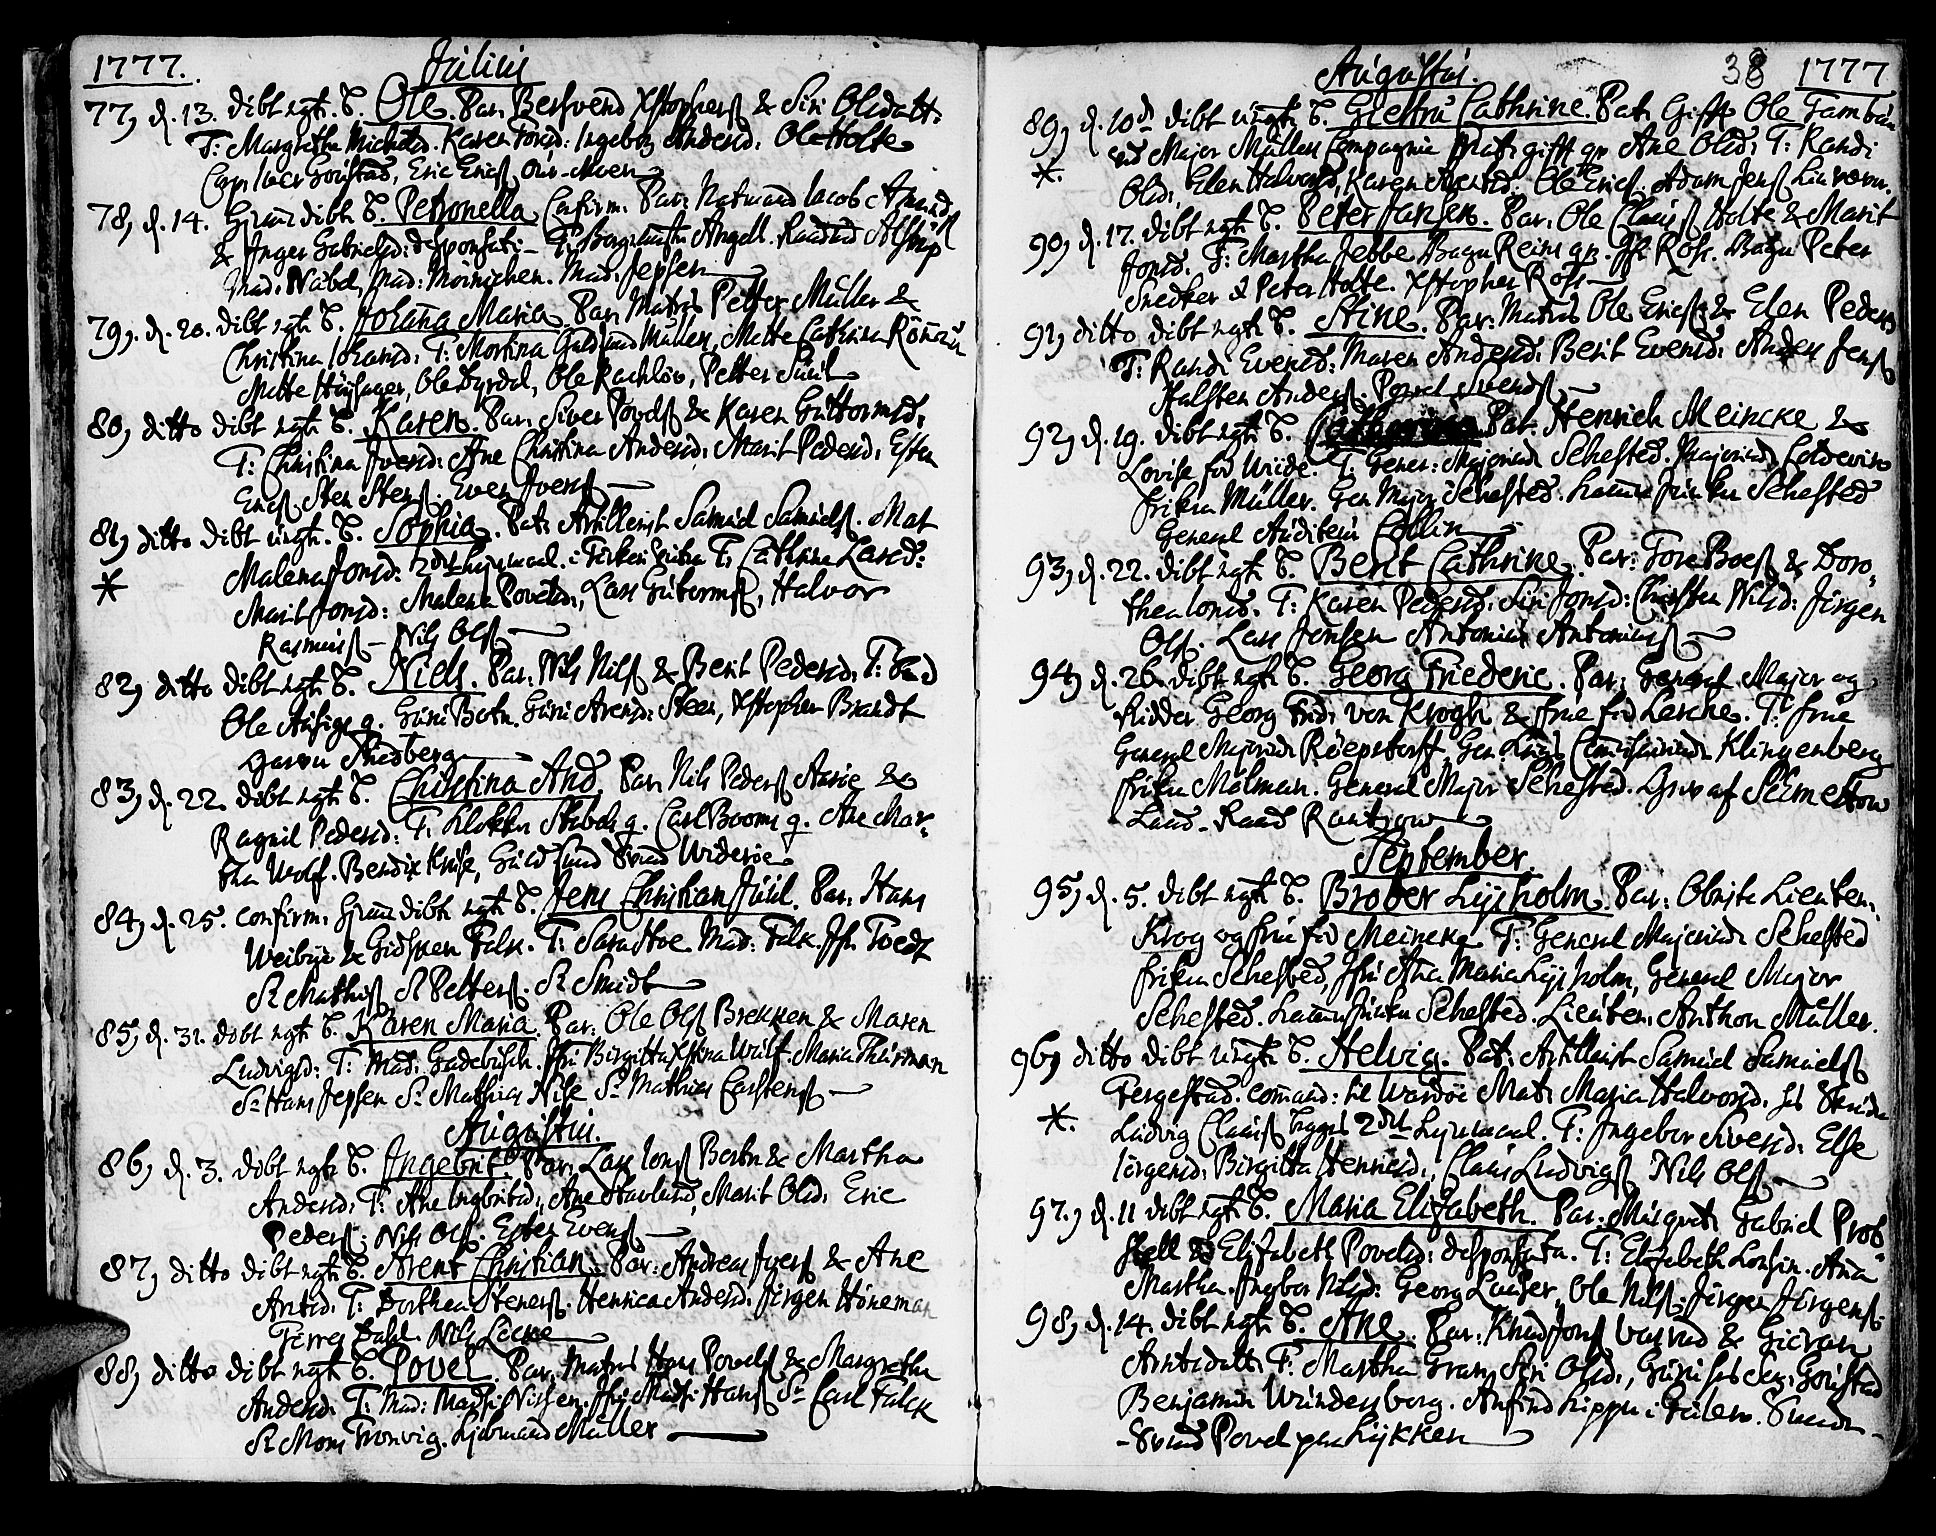 SAT, Ministerialprotokoller, klokkerbøker og fødselsregistre - Sør-Trøndelag, 601/L0039: Ministerialbok nr. 601A07, 1770-1819, s. 38